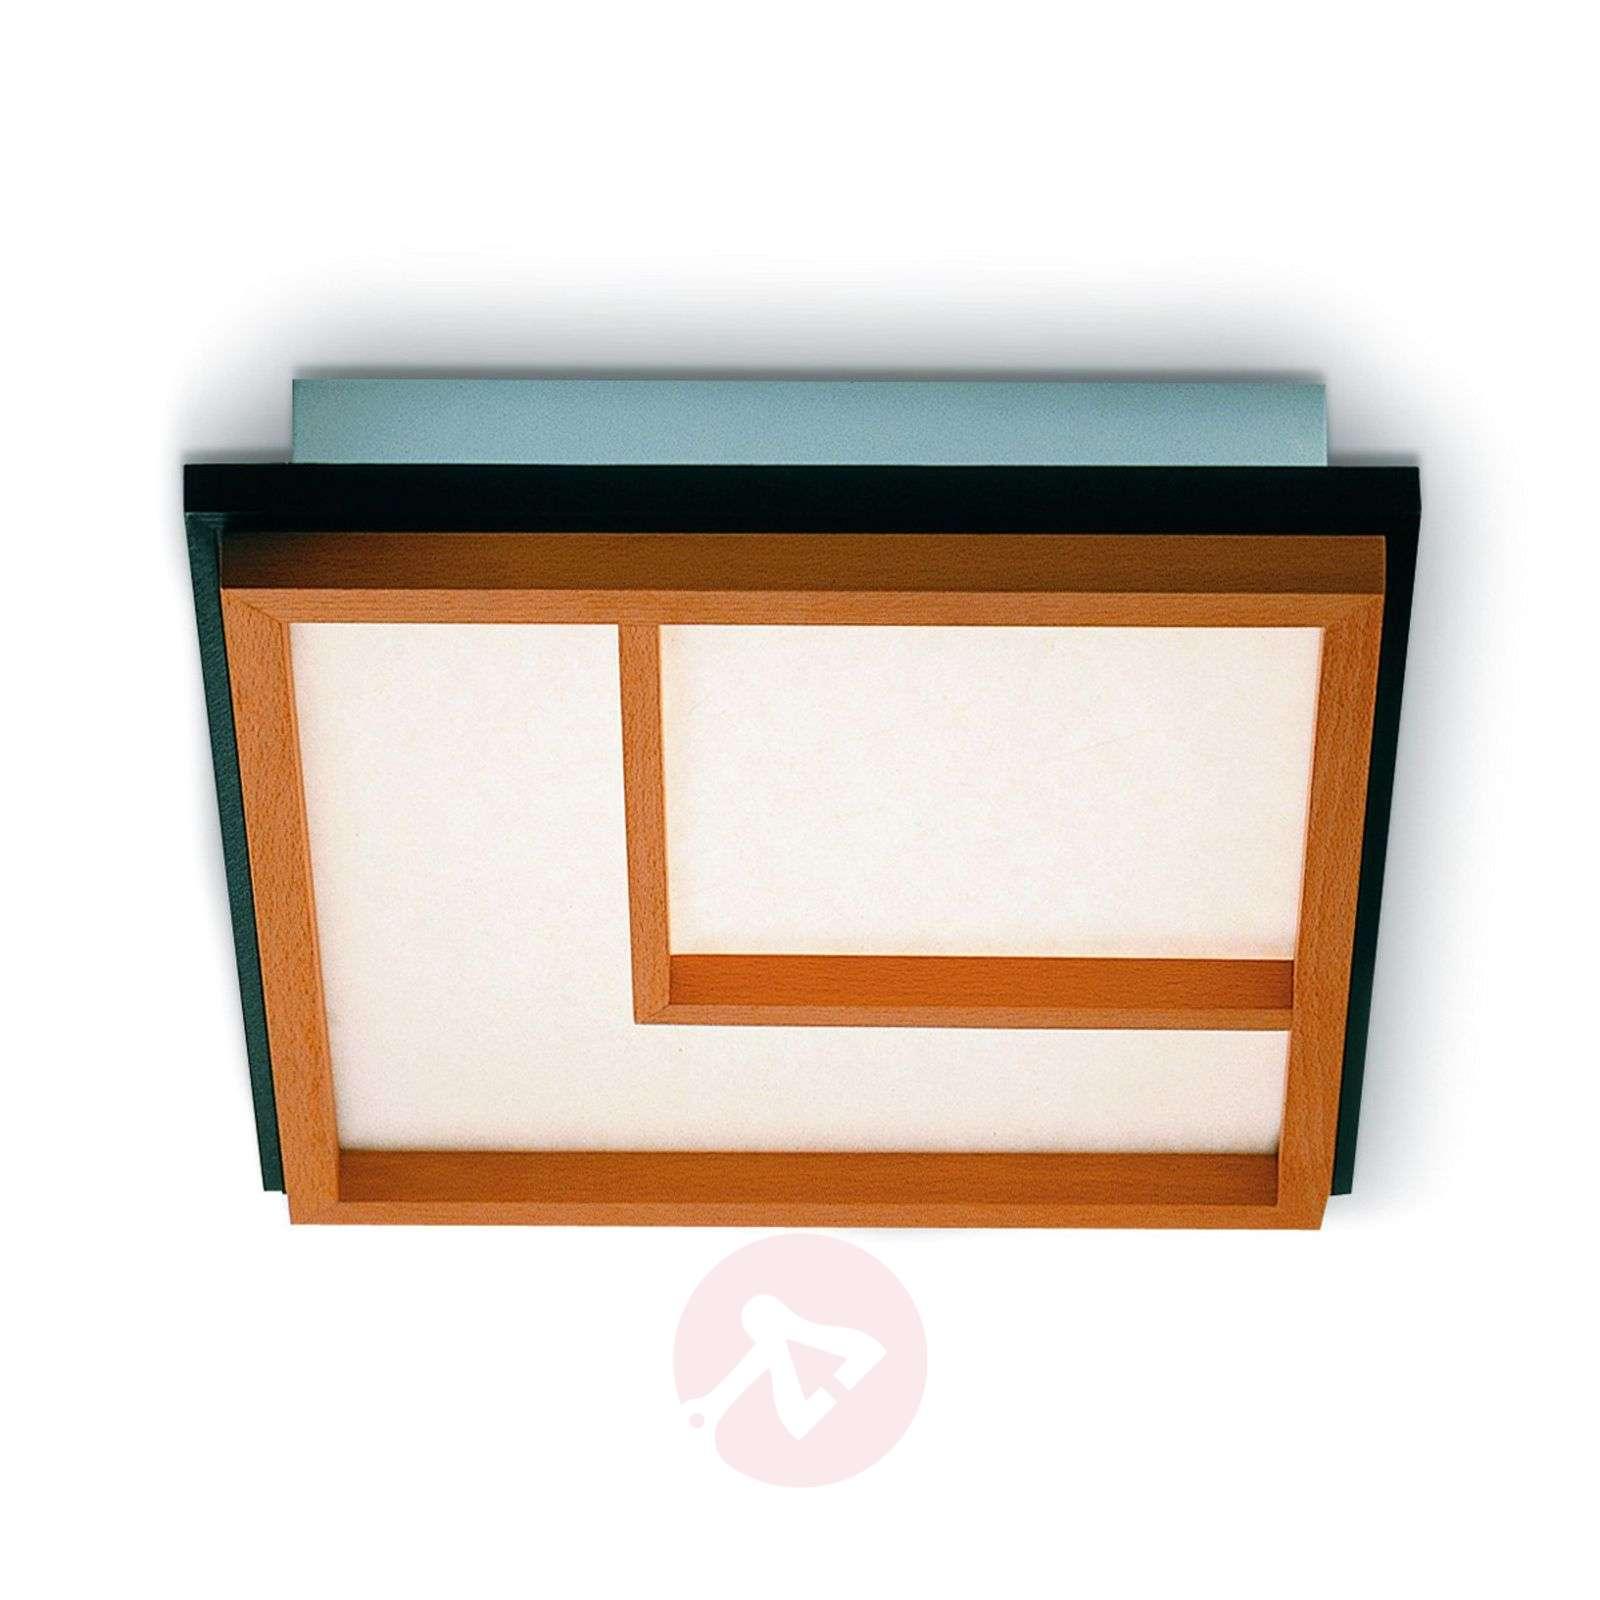 Kioto 2 pyökkipuinen LED-kattolamppu-2600514-01